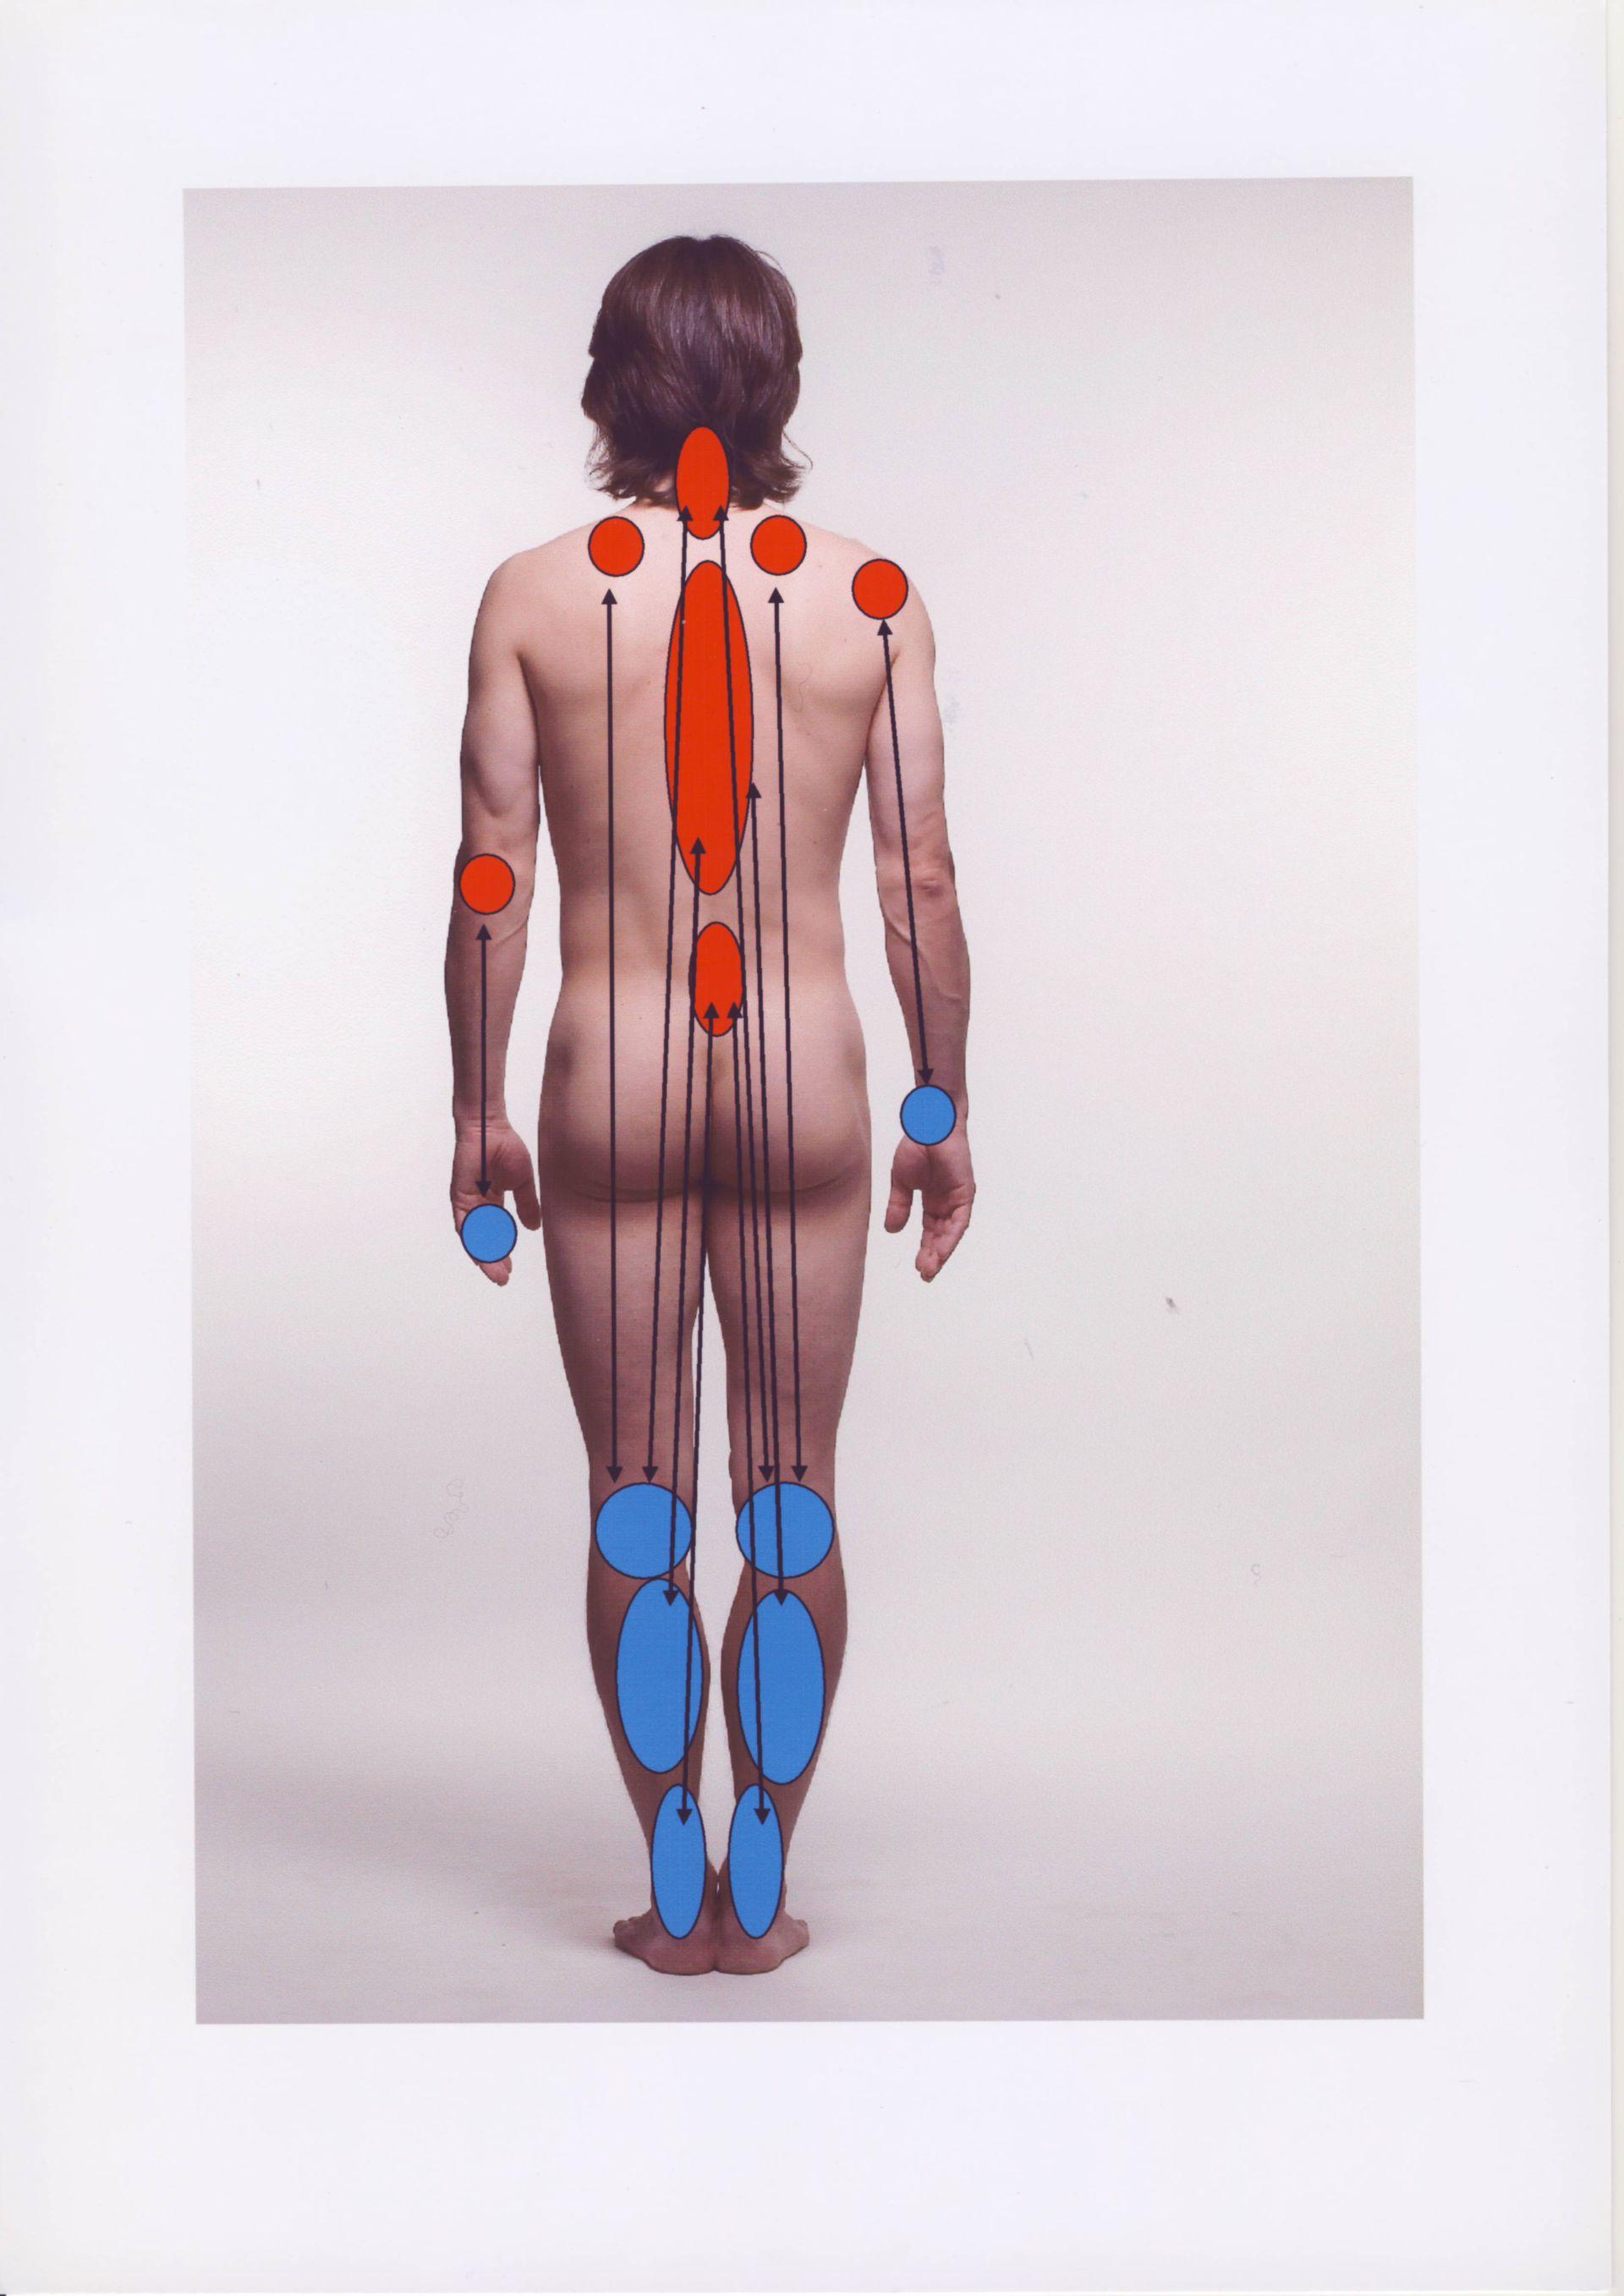 Schmerz-Therapie: ibis-Therapie  dorsal